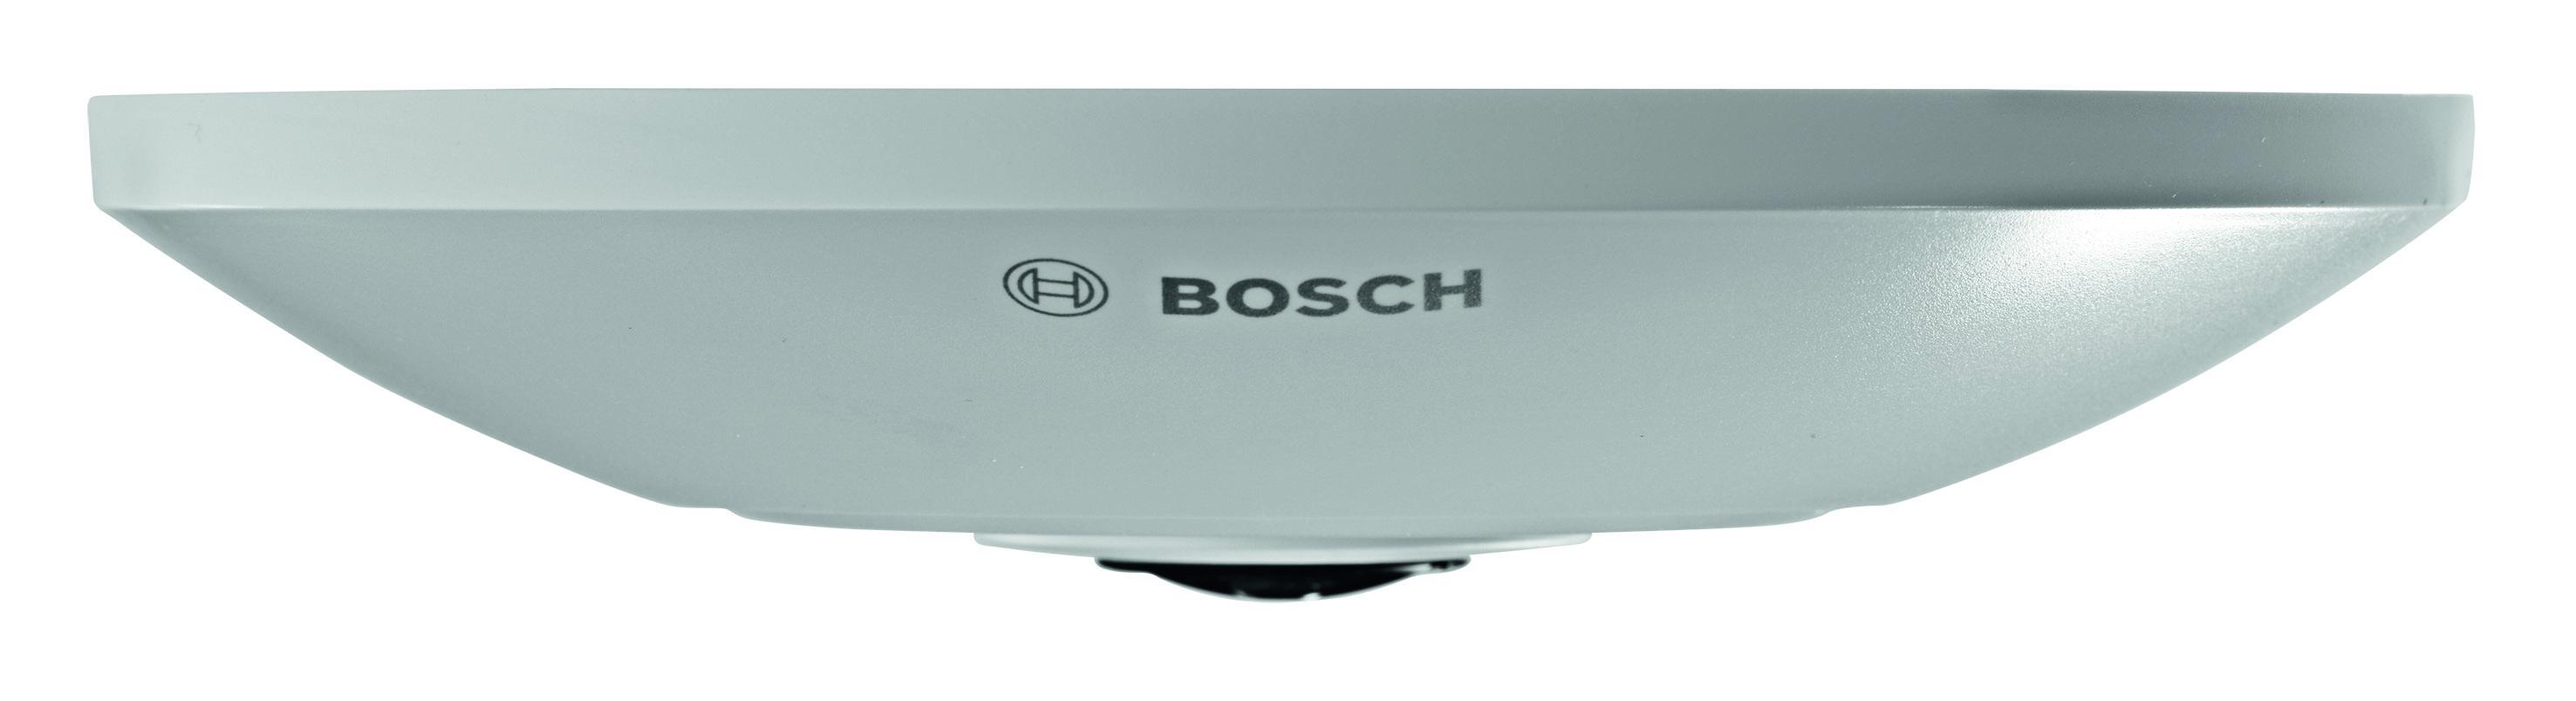 Bosch NIN-70122-F1AS